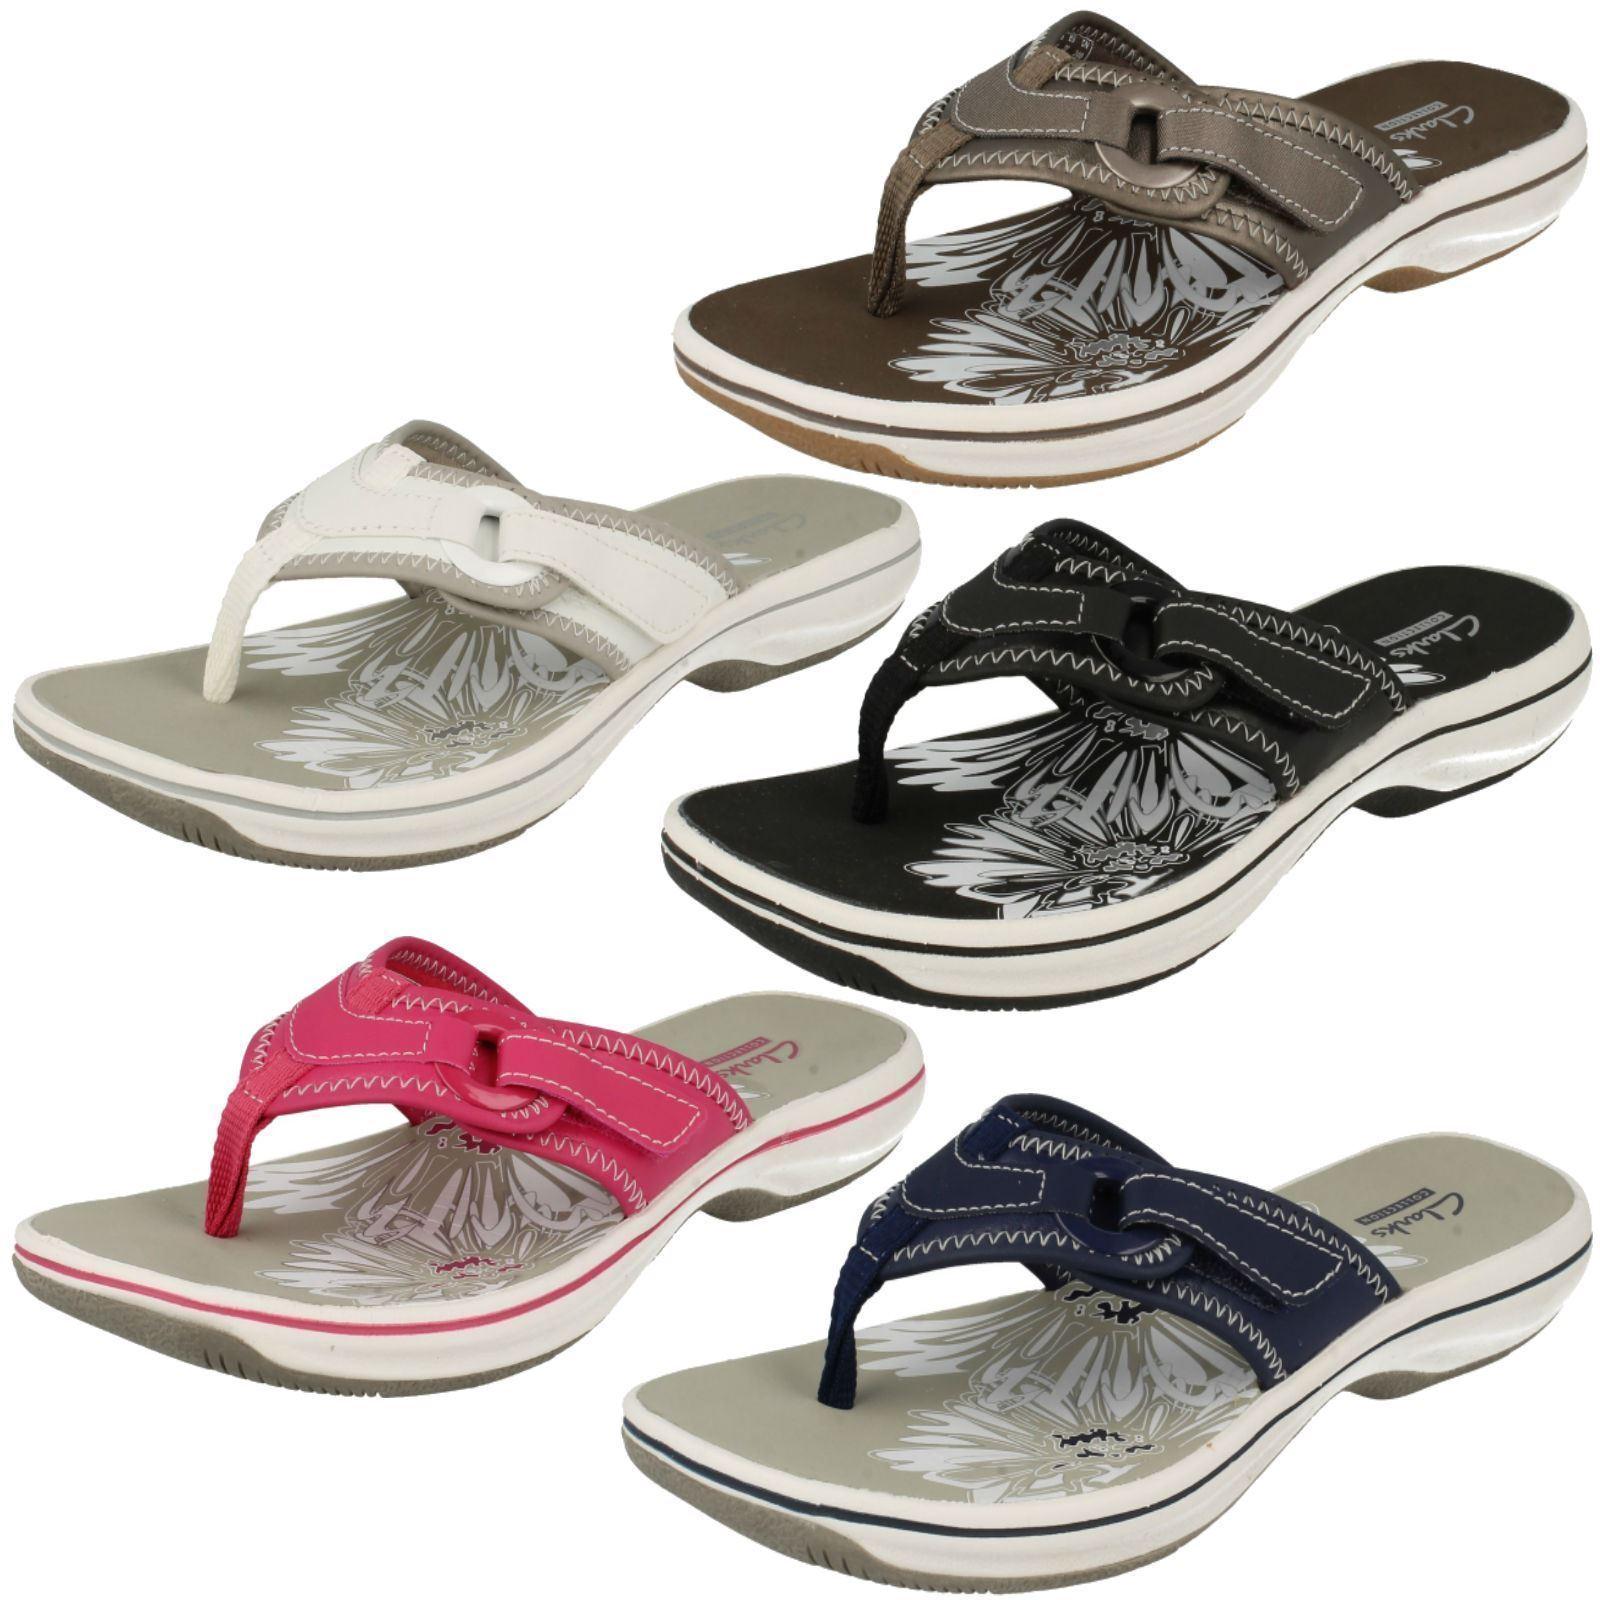 Clarks Brinkley Mila Black, Navy, White, Pewter Or Pink Toe-Post Mule Sandals